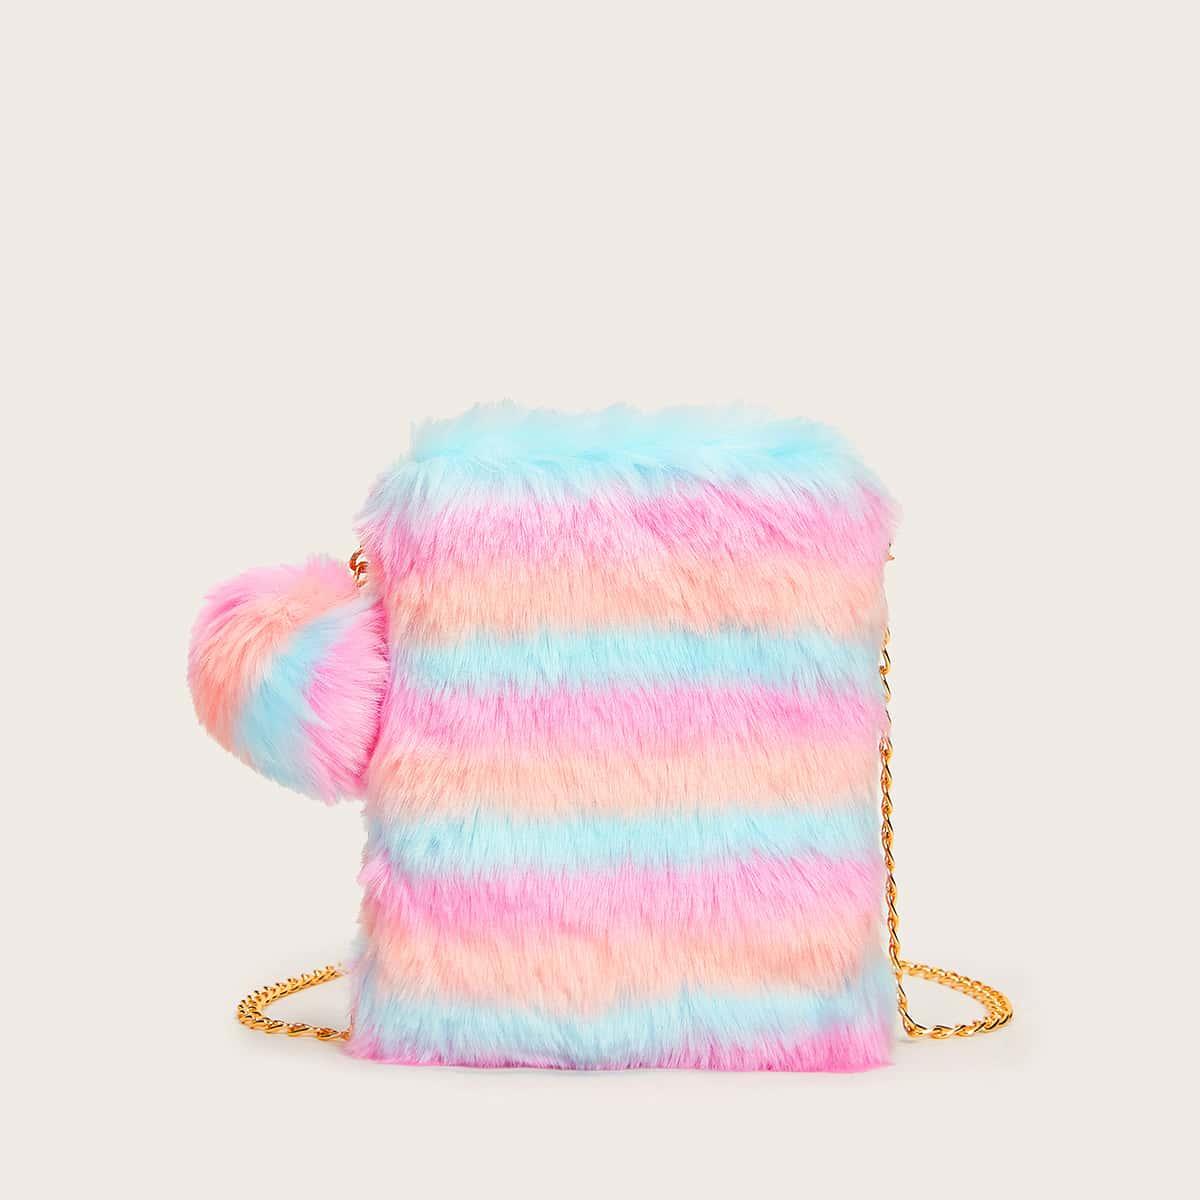 Контрастная плюшевая сумка на цепочке с помпоном